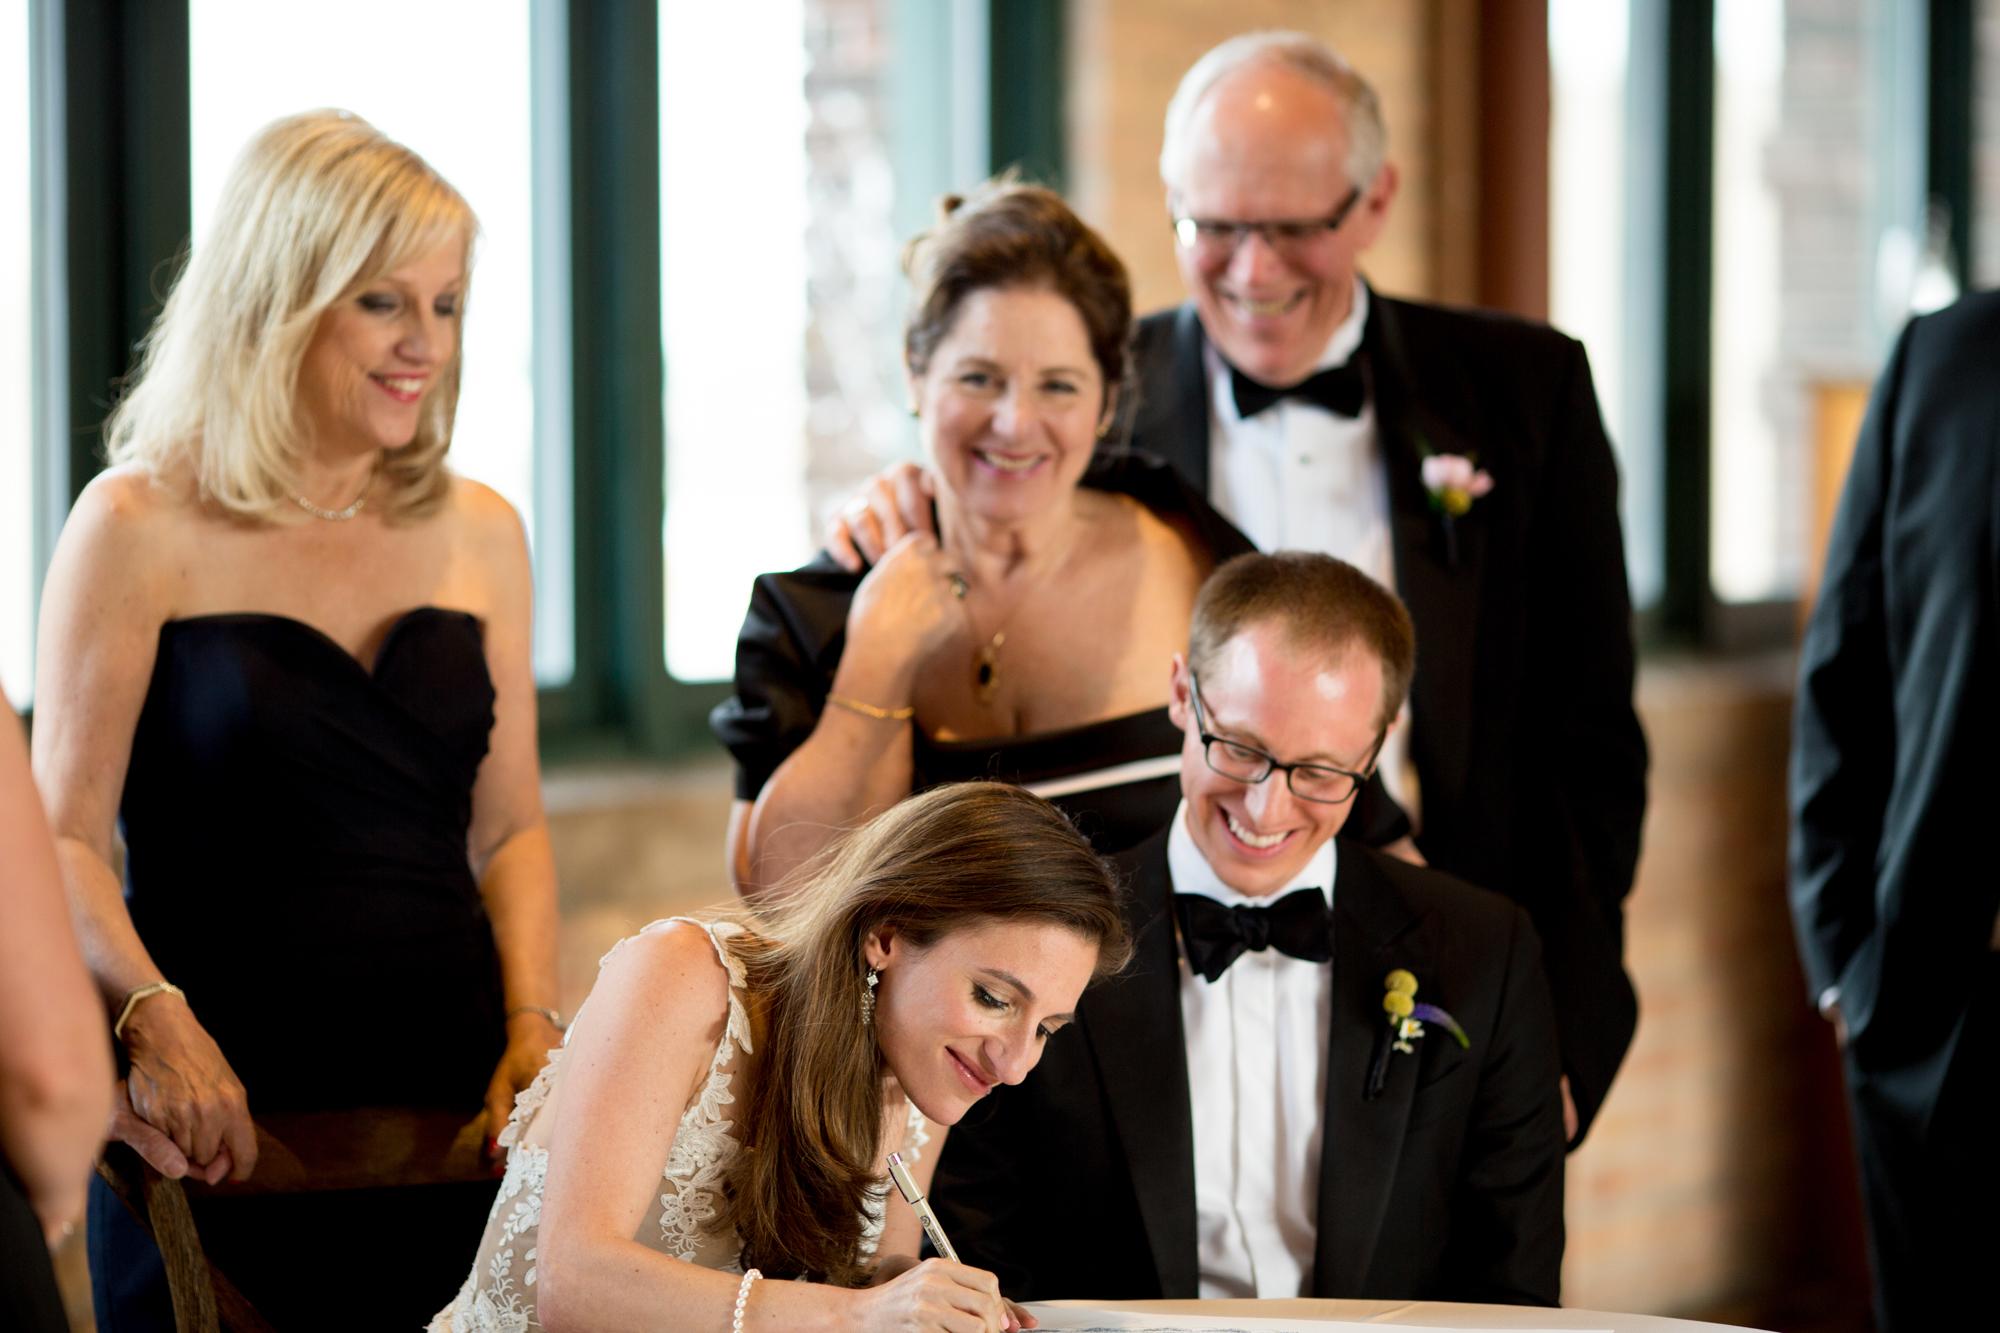 Bride and groom sign ketubah at Bridgeport Art Center